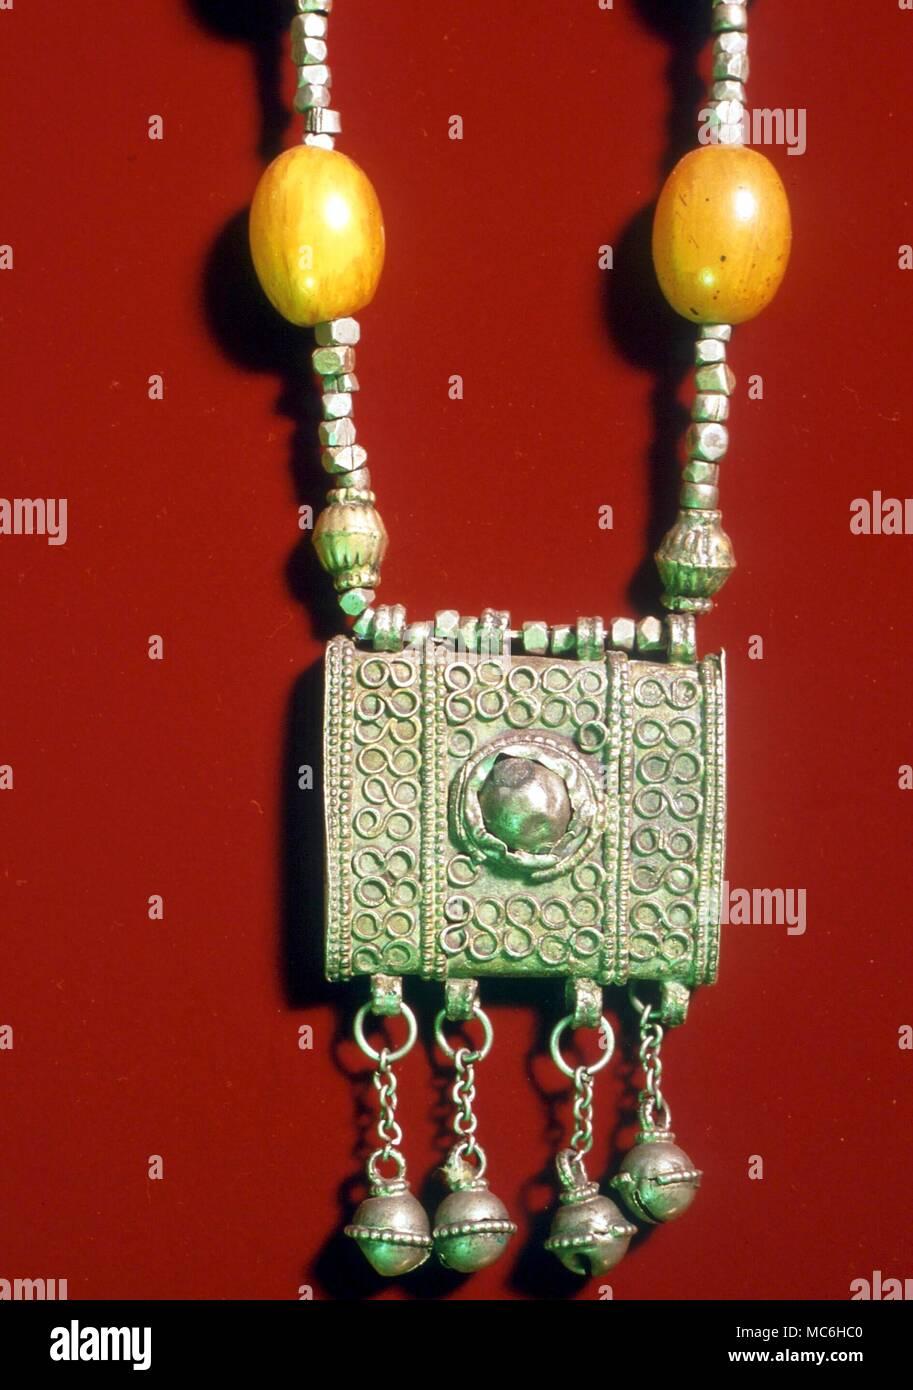 Amuletos - caso de amuleto, desde Oriente Medio, colección privada. Foto de stock